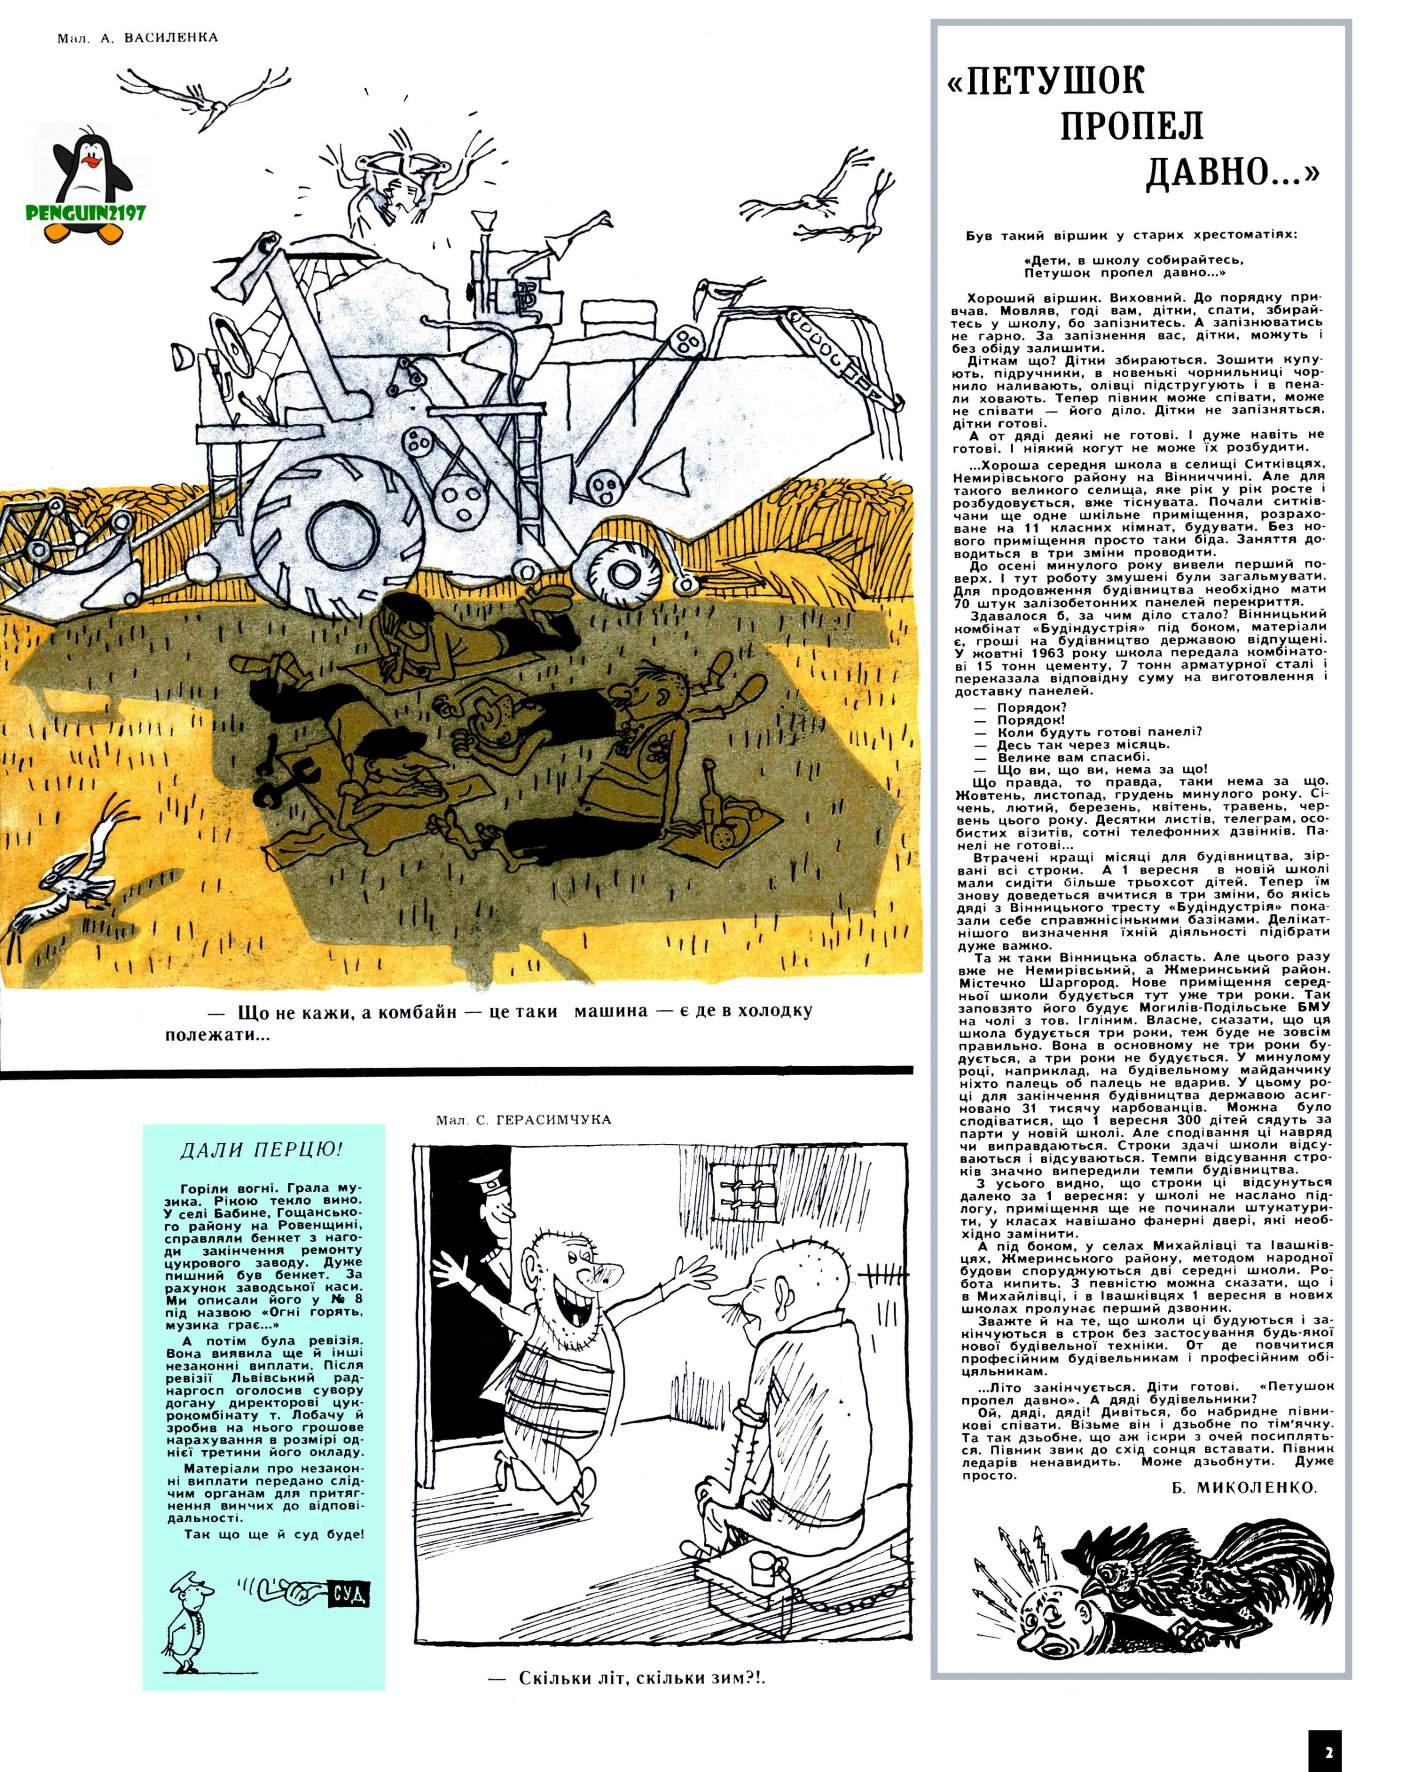 Журнал перець 1964 №14